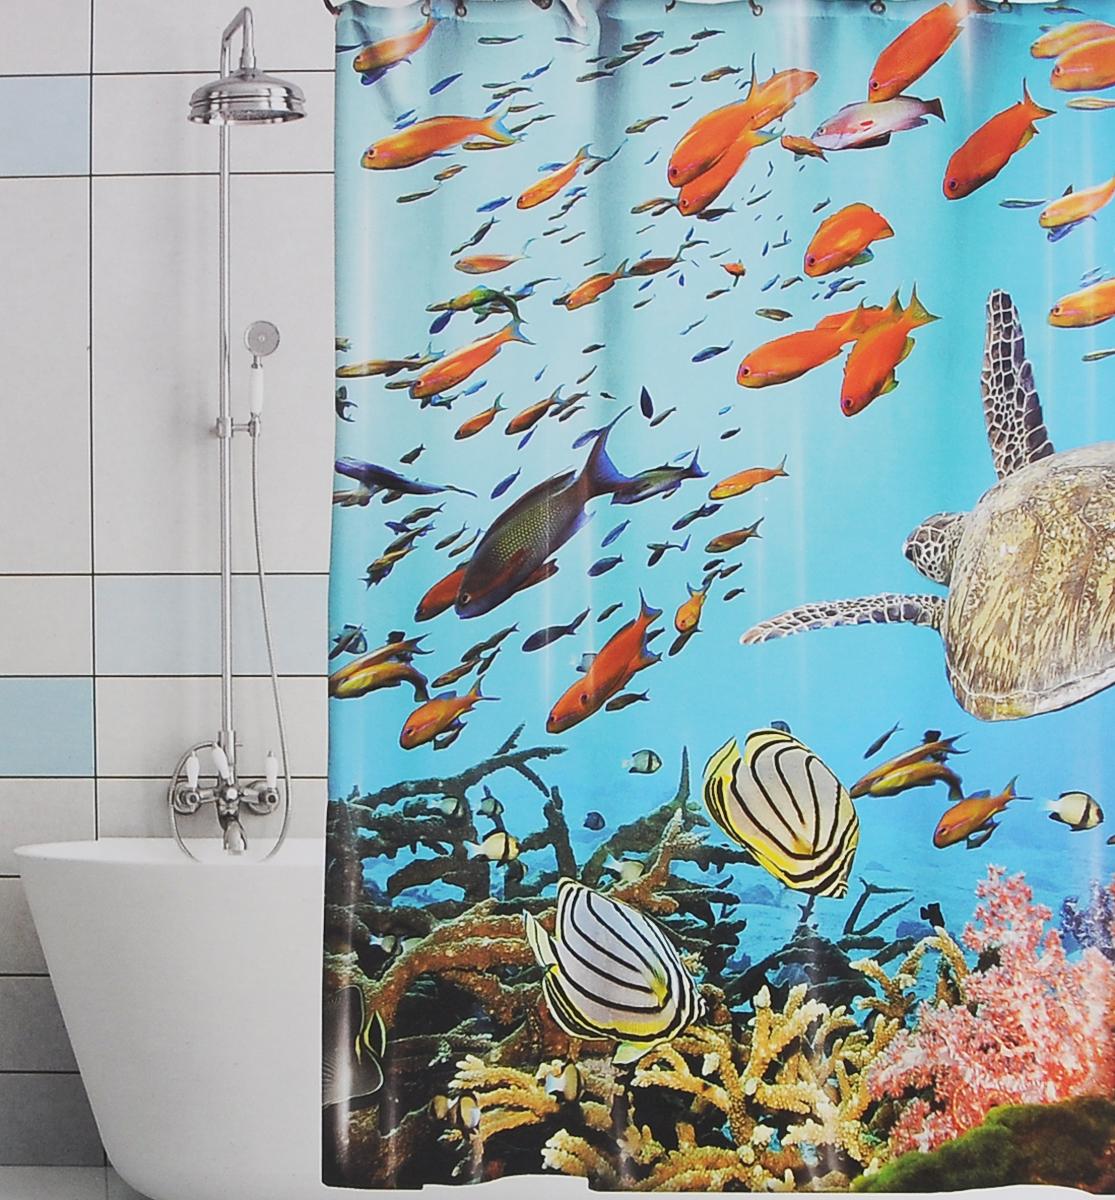 Штора для ванной Valiant Подводный мир, цвет: голубой, синий, 180 х 180 смBTШтора для ванной комнаты Valiant Подводный мир из 100% плотного полиэстера с водоотталкивающей поверхностью идеально защищает ванную комнату от брызг. В верхней кромке шторы предусмотрены отверстия для пластиковых колец (входят в комплект), а в нижней кромке шторы скрыт гибкий шнур, который поддерживает ее в естественной расправленной форме. Штору можно легко почистить мягкой губкой с мылом или постирать ее с мягким моющим средством в деликатном режиме. Количество колец: 12 шт.